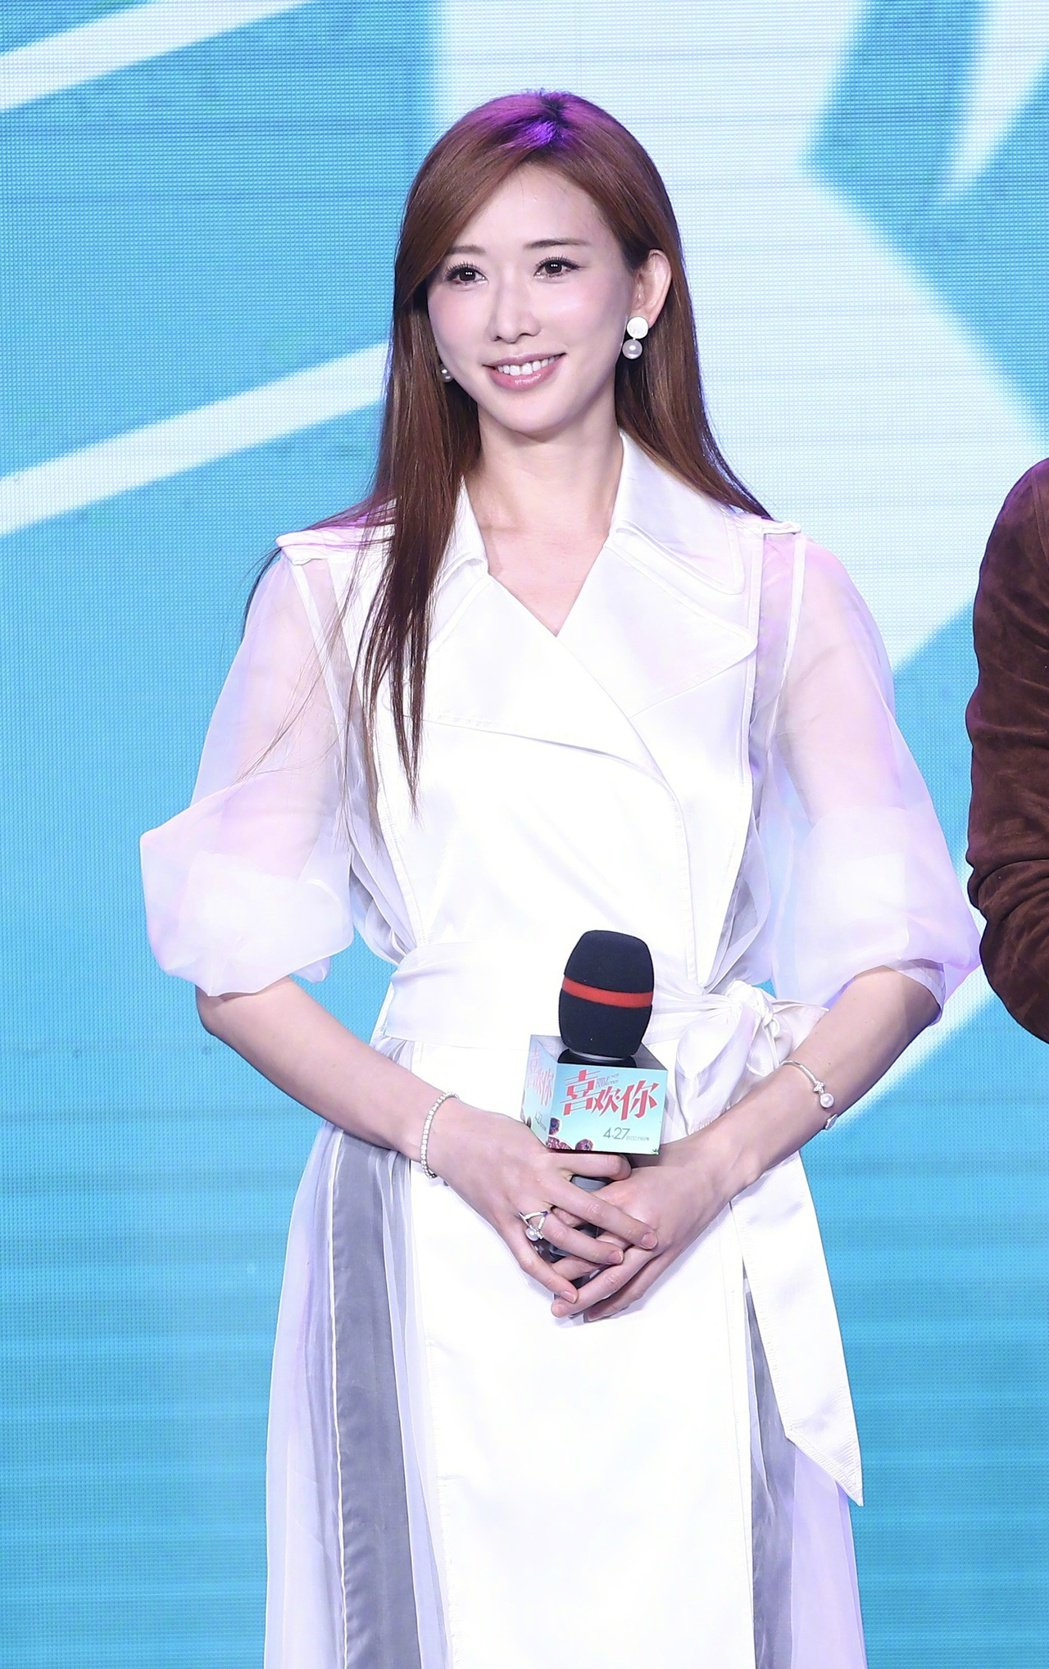 林志玲現身電影「喜歡你」發布會,知性的好氣質比主角還搶眼。圖/摘自微博